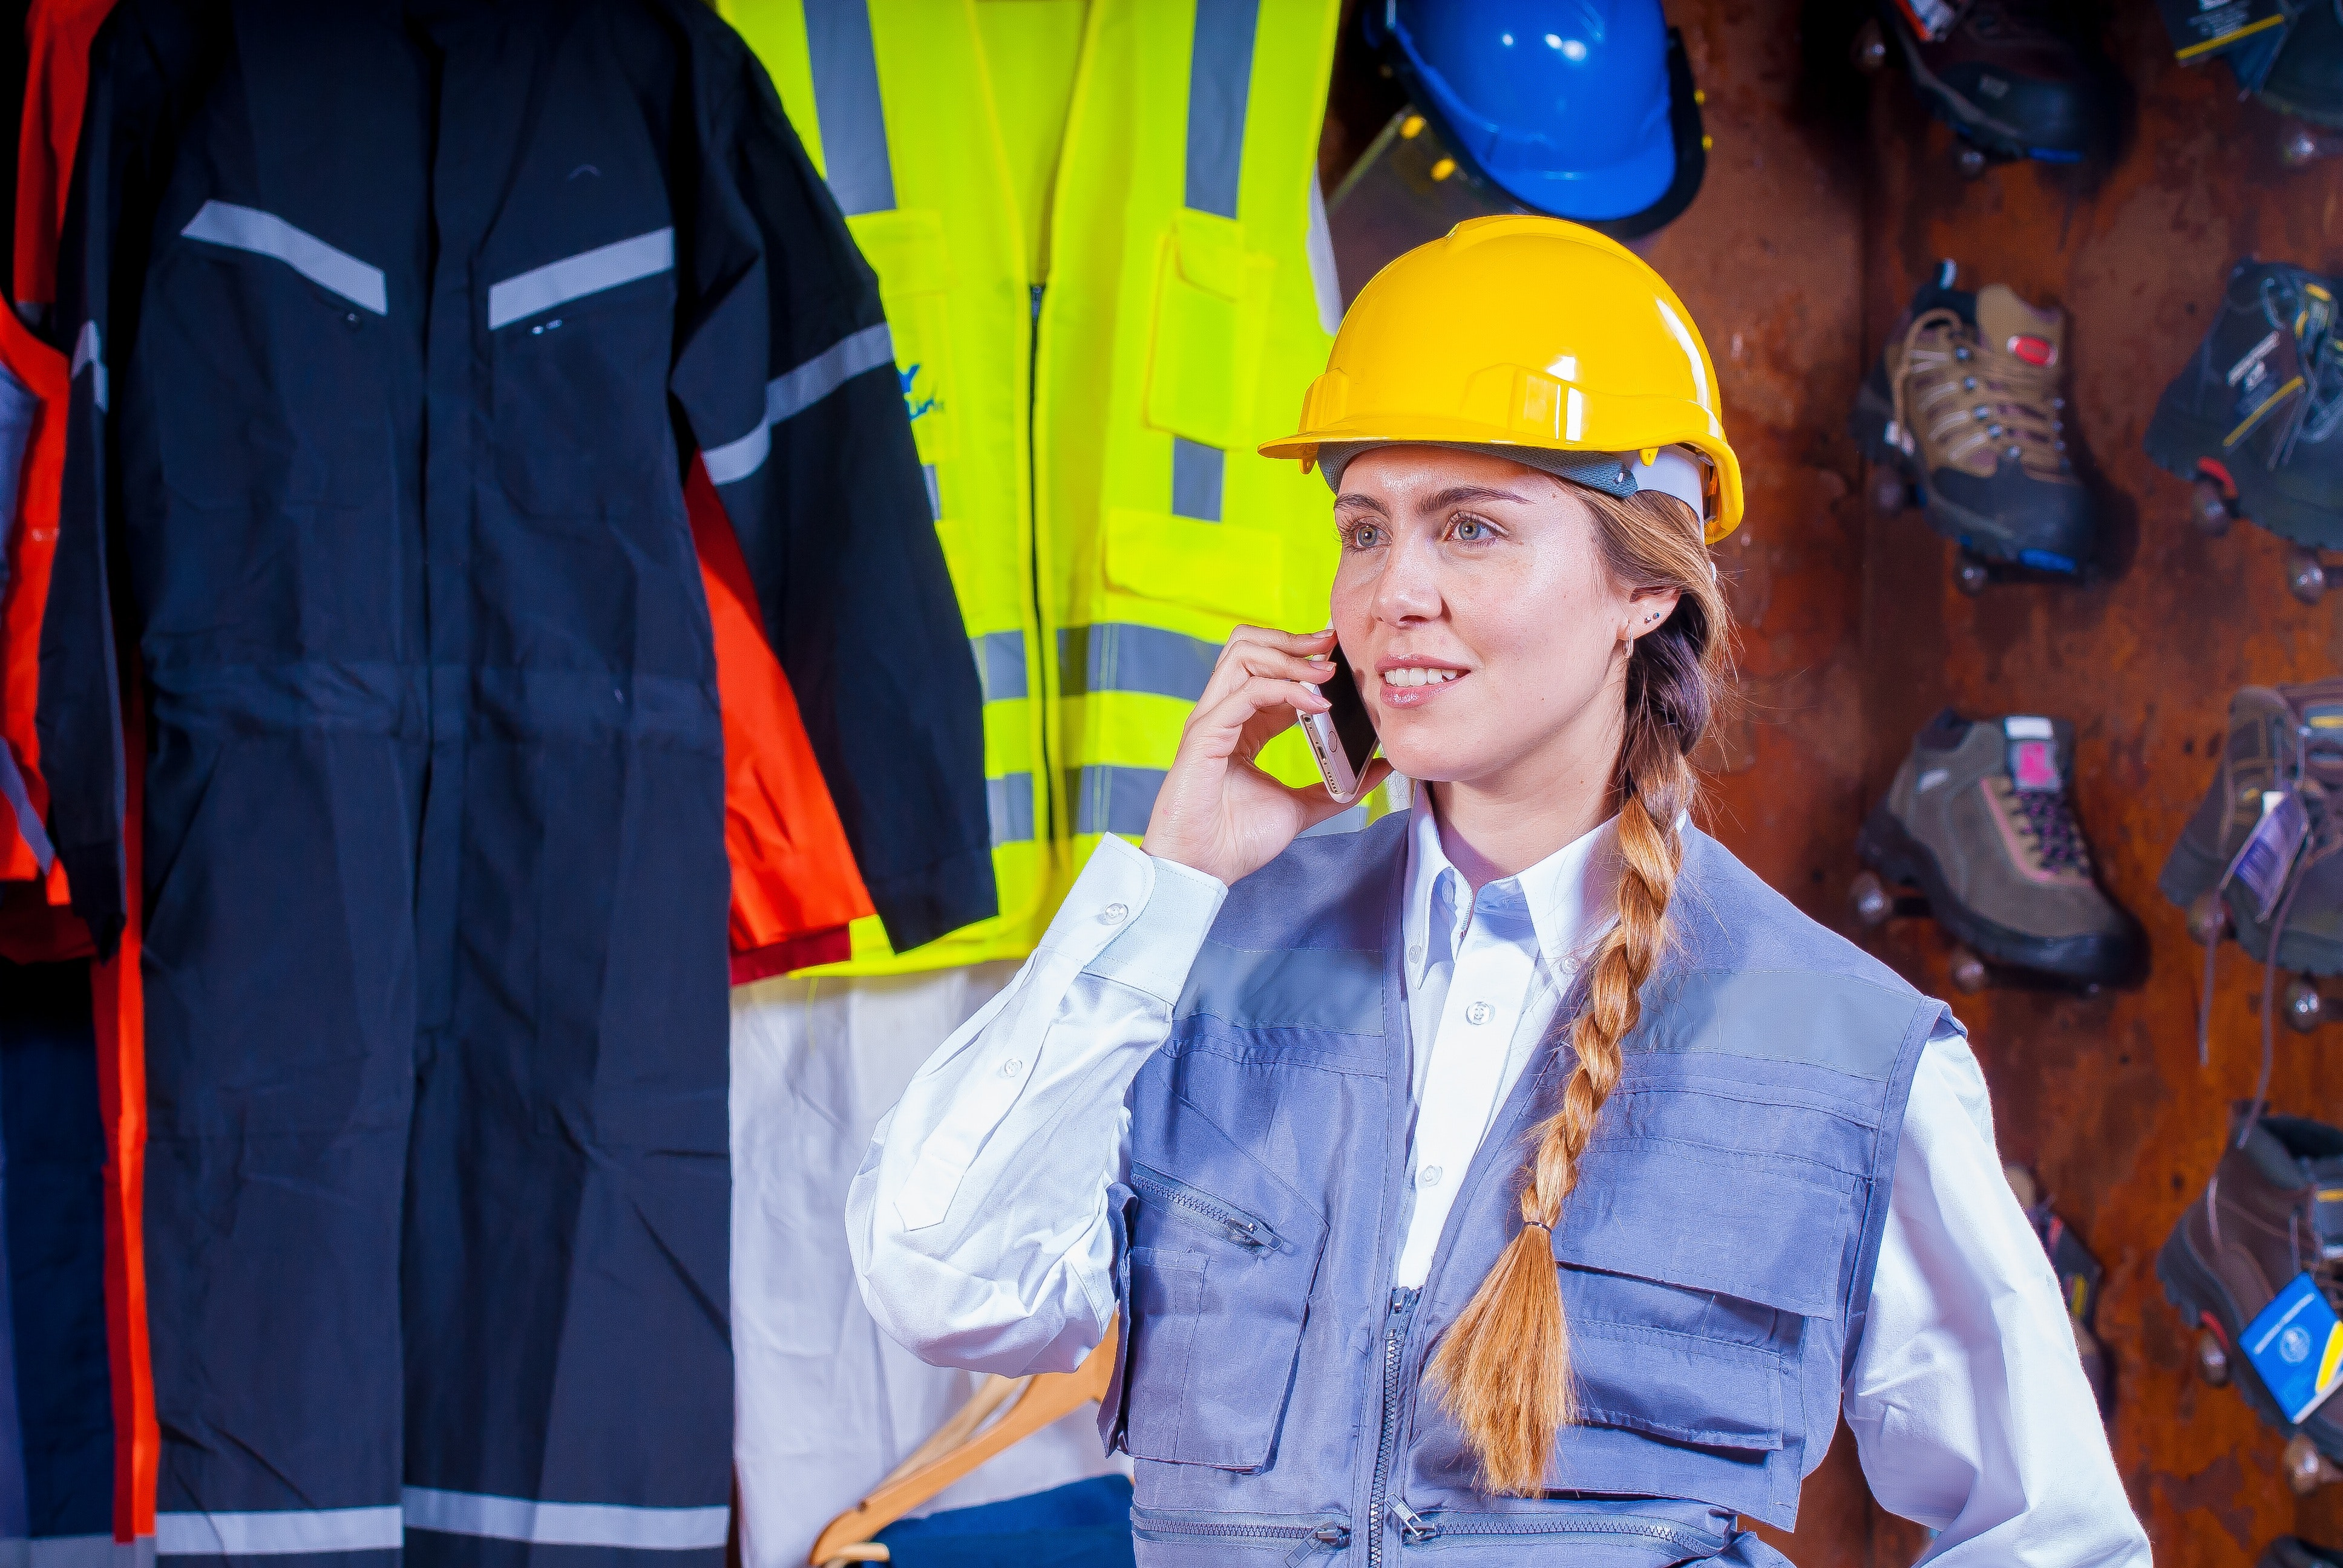 ¿Cómo prevenir un accidente laboral?